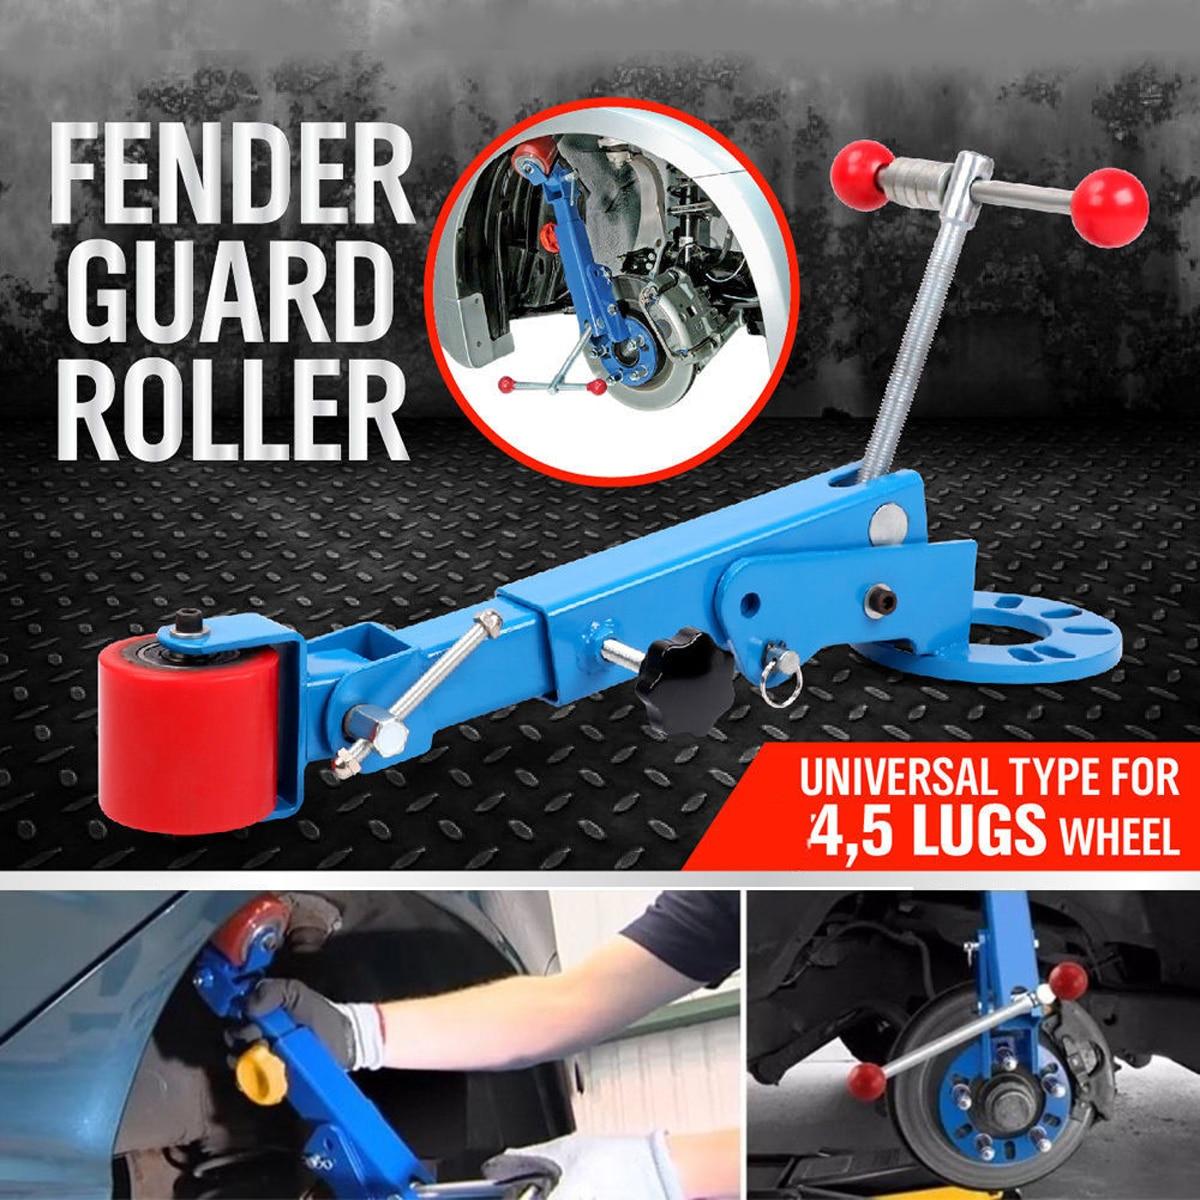 Рулон для Fender реформирование Расширение Инструмент колеса арки ролик сжигания бывший для промышленной деревообработки машин запчасти